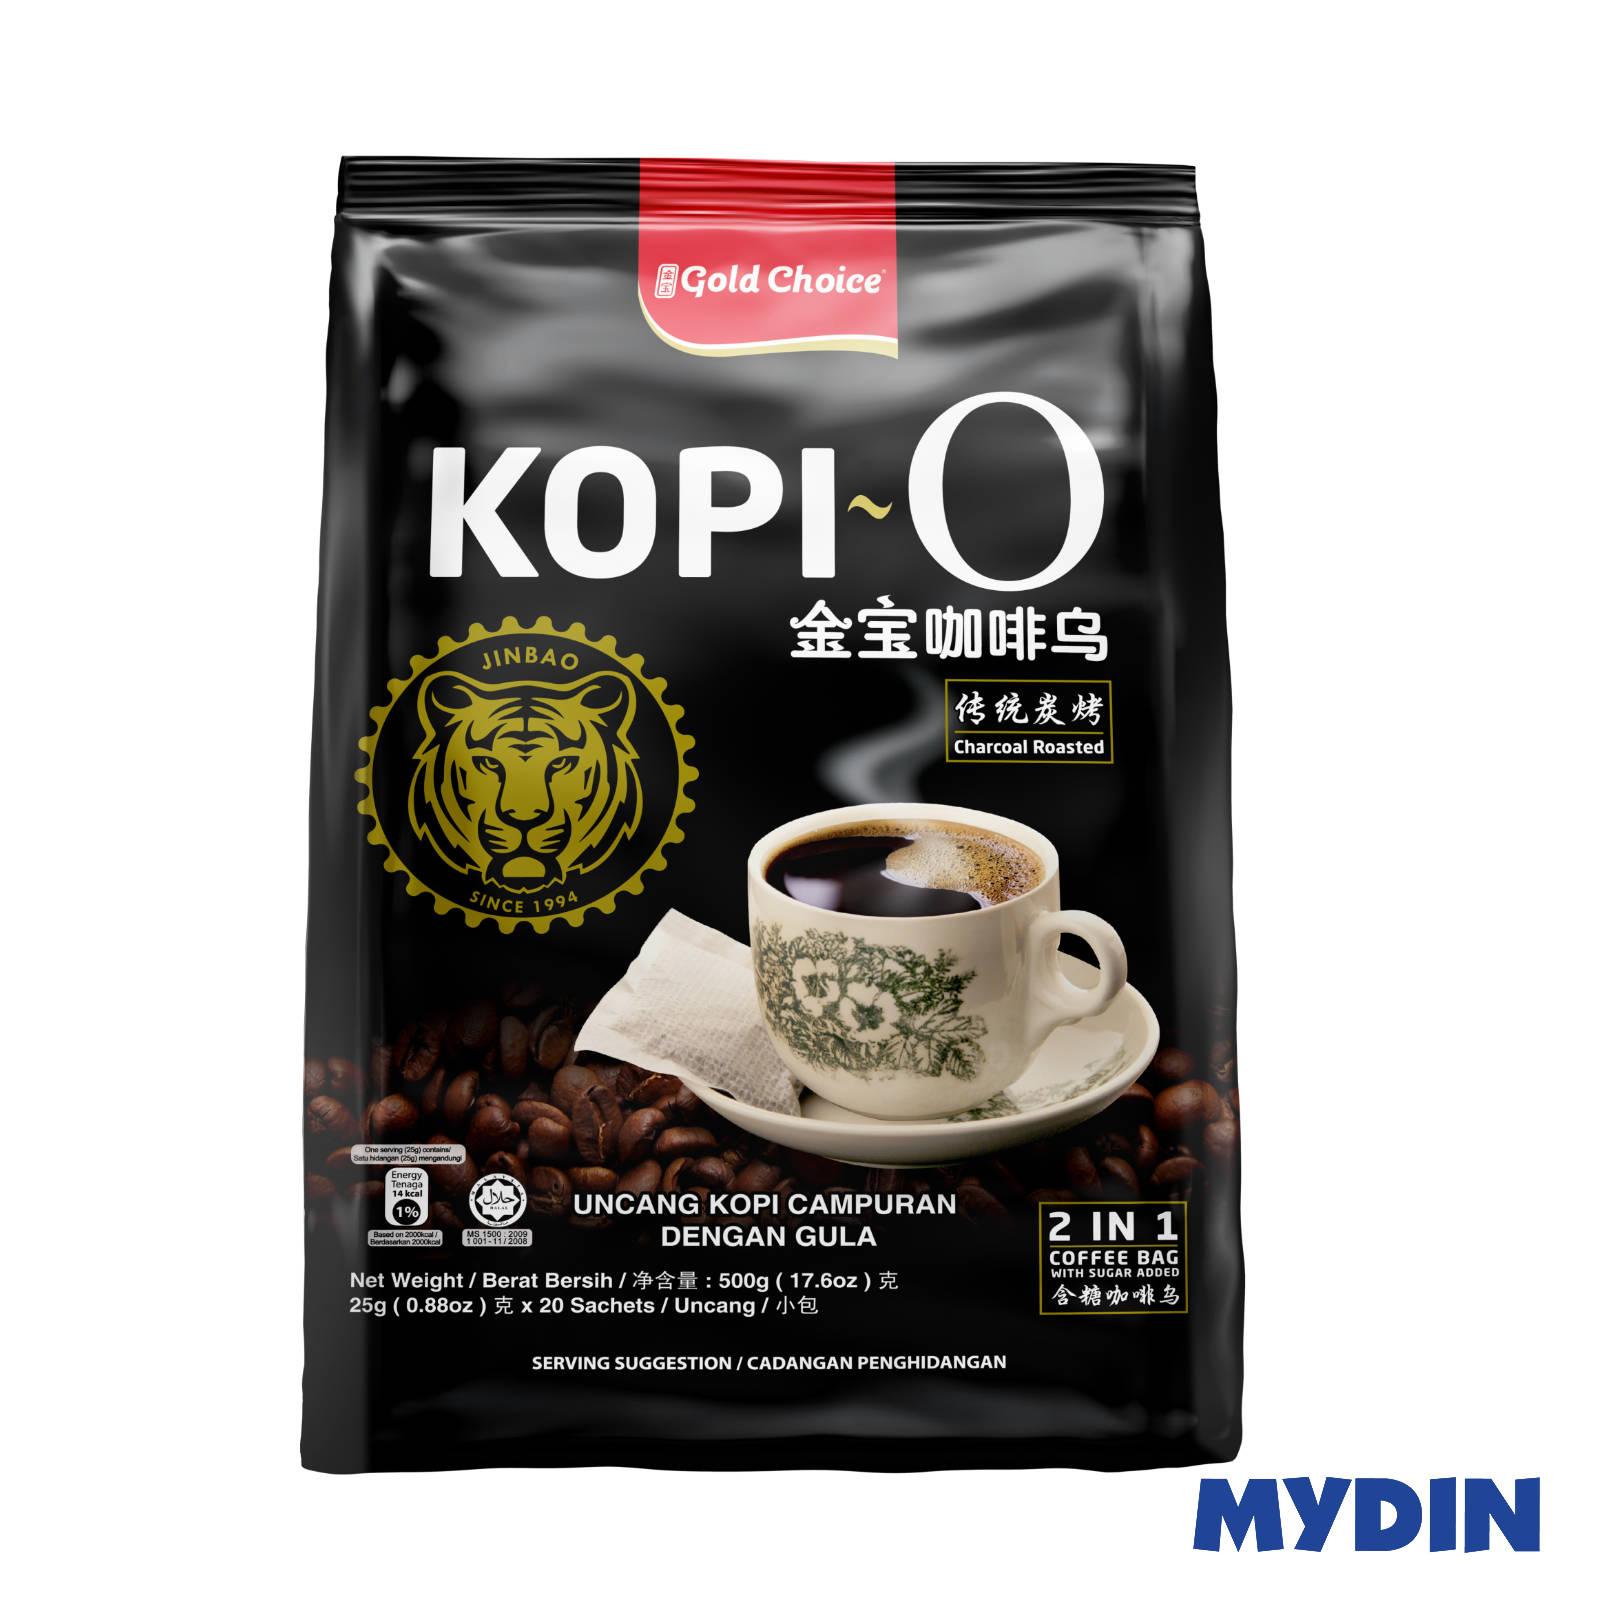 Gold Choice 2in1 Kopi-O (20 x 25g)